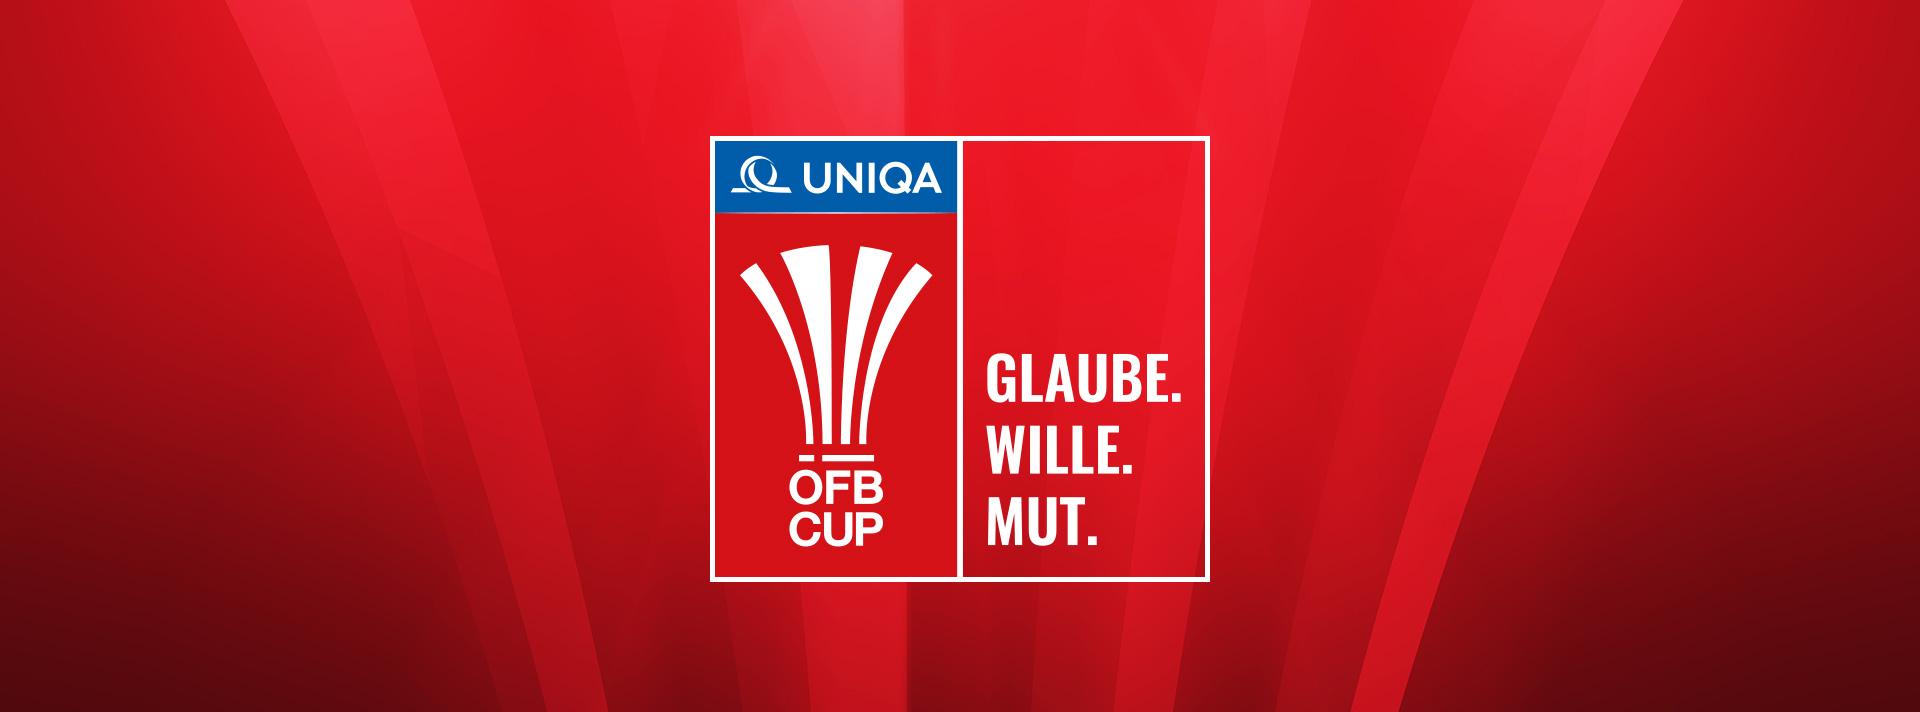 ÖFB_Logo_1920x1080